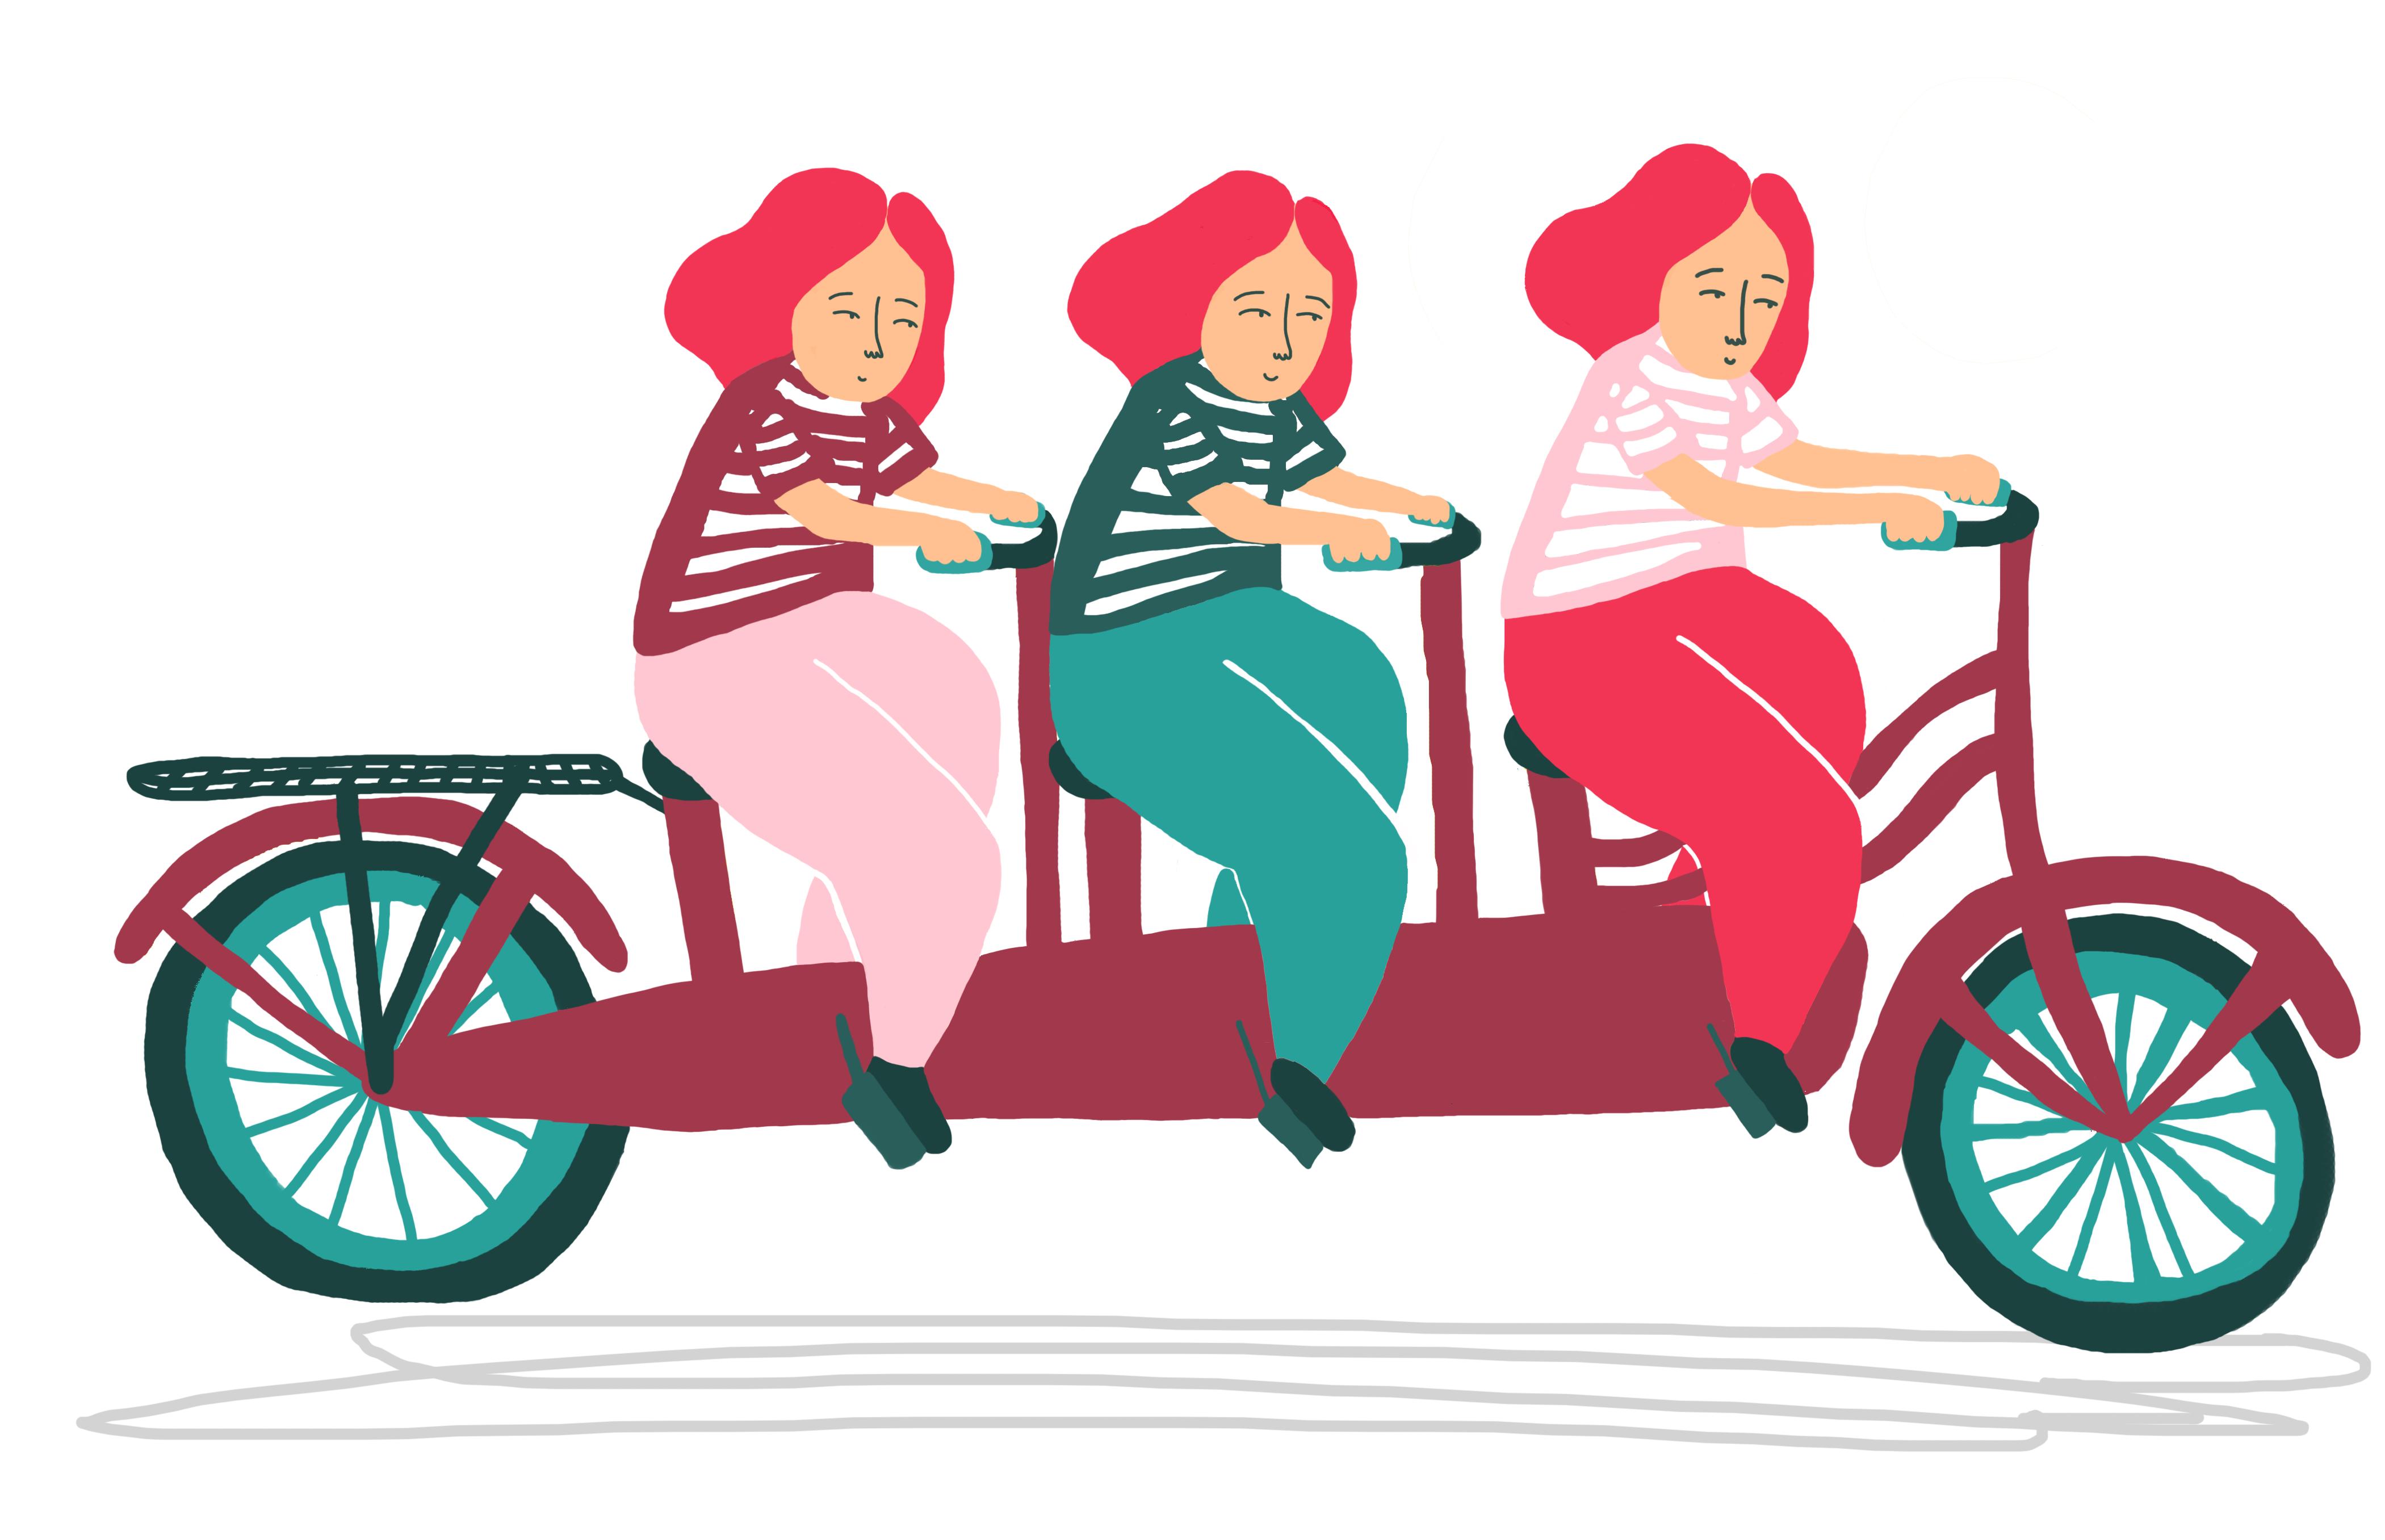 illustratie-fiets